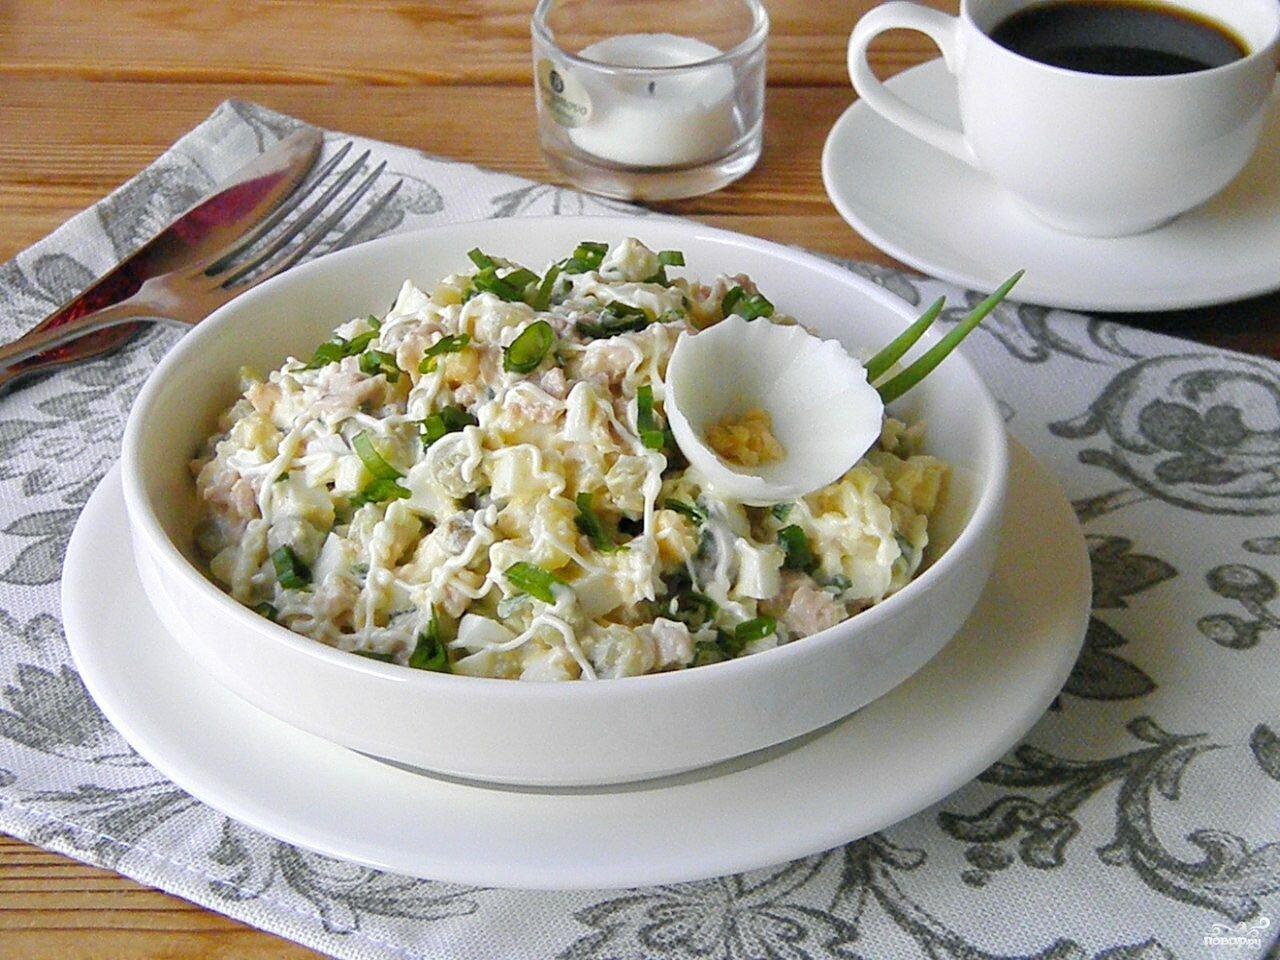 салат с печенью трески и кукурузой рецепт приготовления